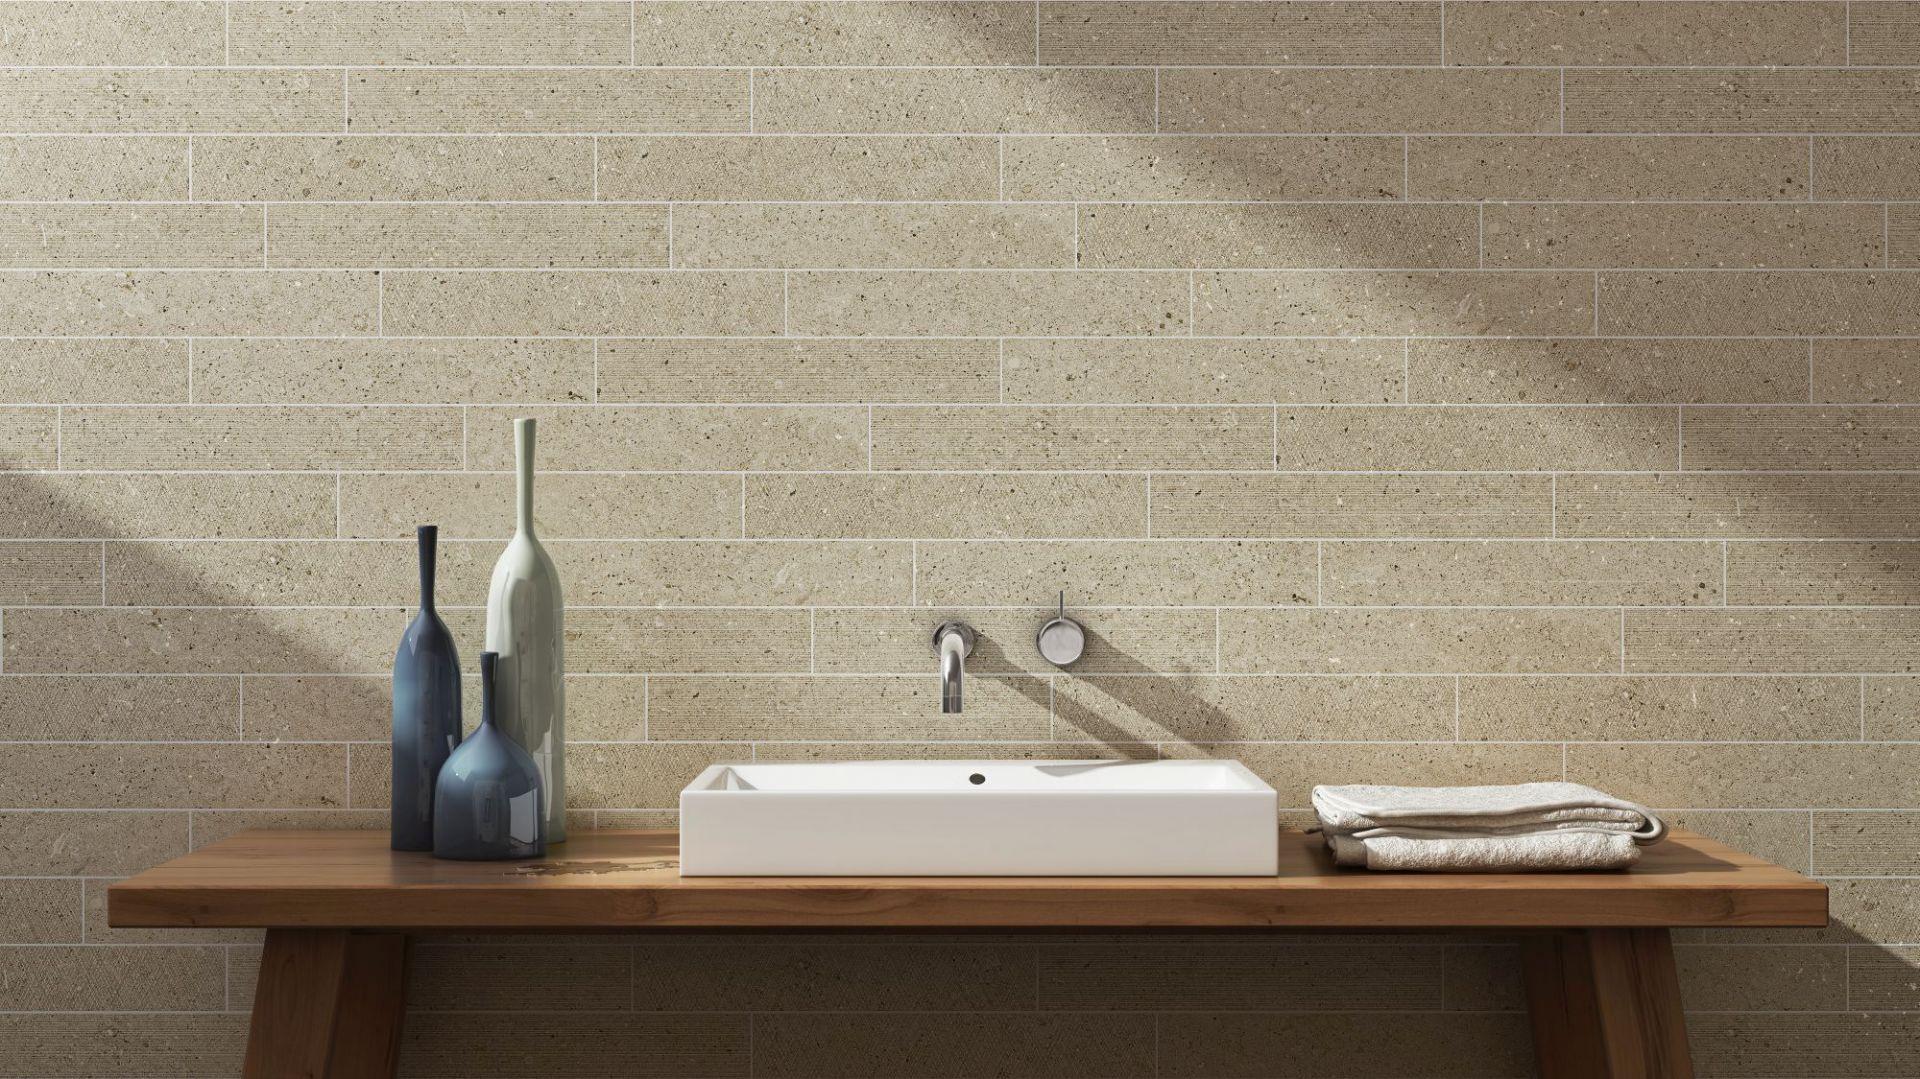 Nowoczesna łazienka. 30 pięknych kolekcji płytek ceramicznych. Fot. Baño